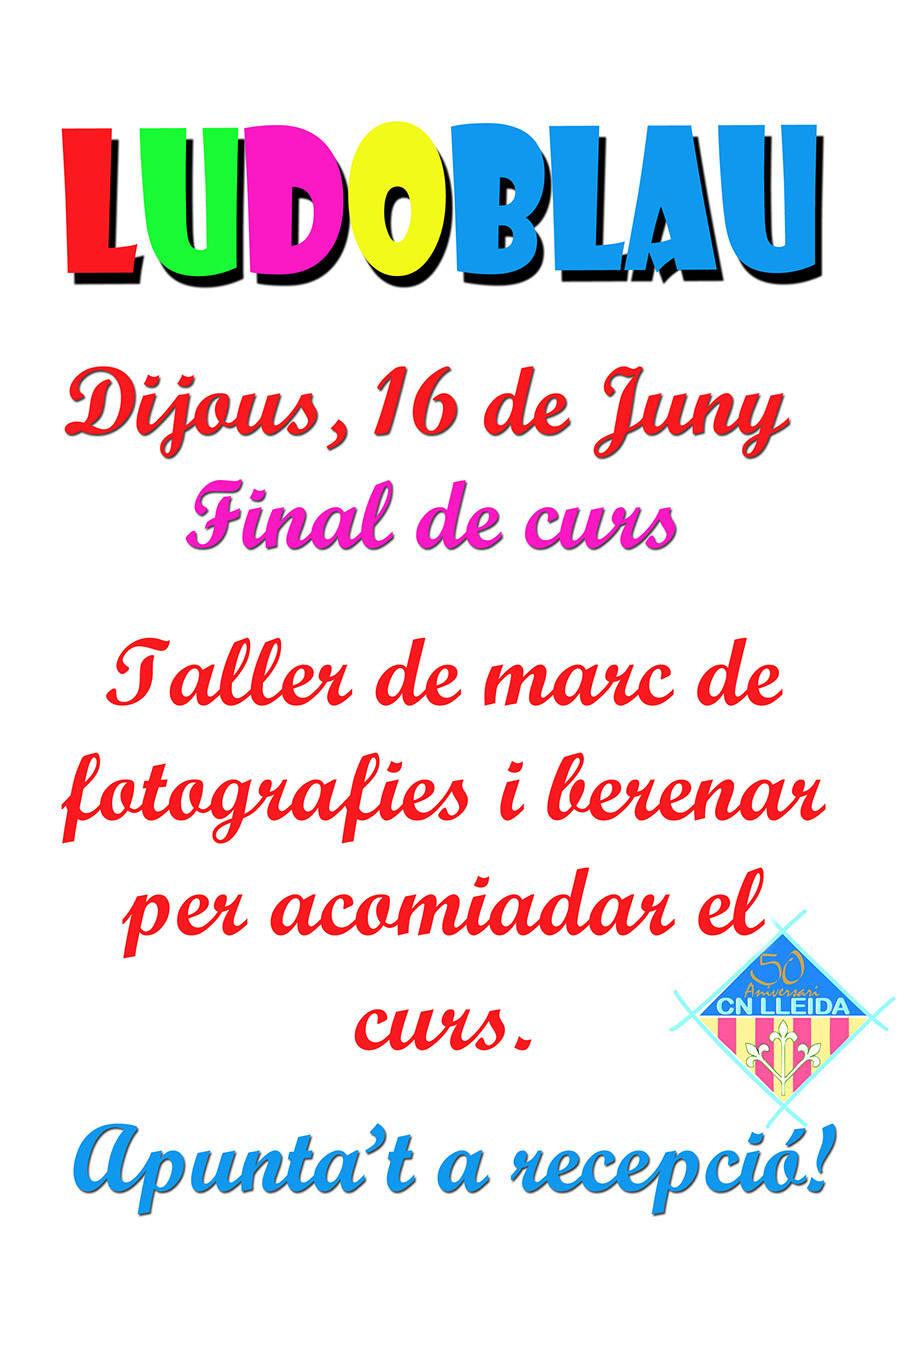 FINAL DE CURSO LUDOBLAU JUEVES 16 DE JUNIO